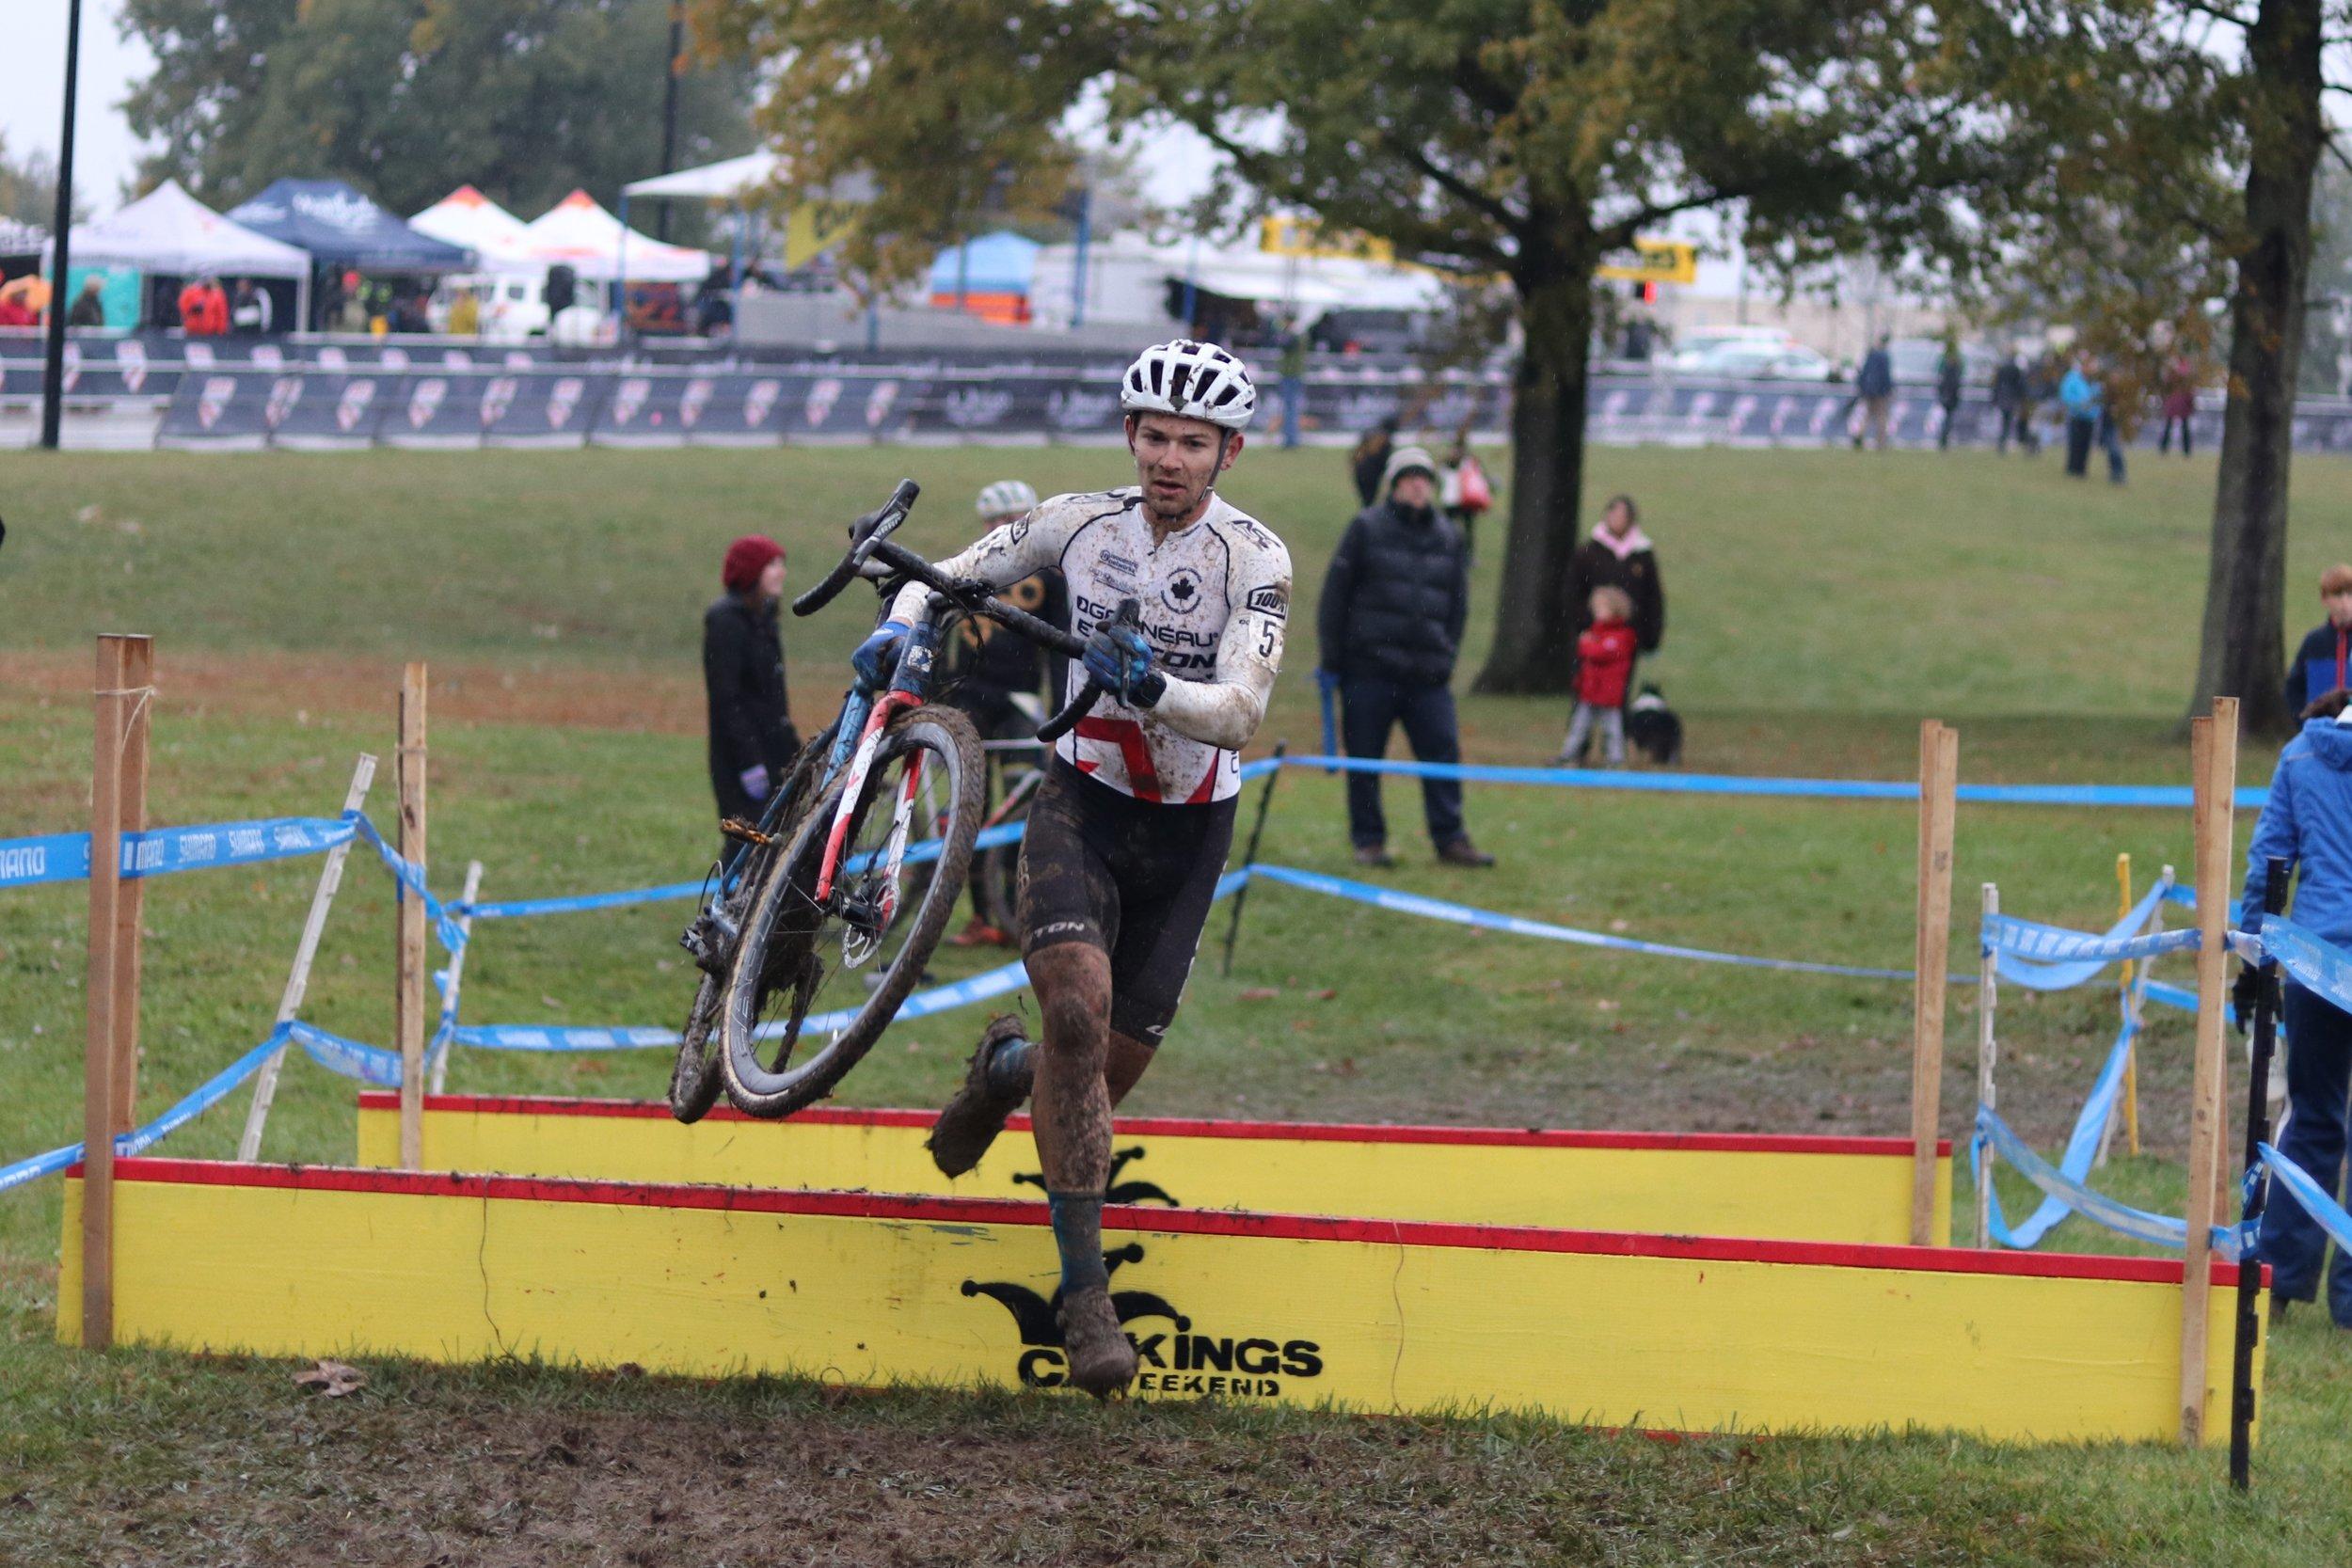 Michael van den Ham races CincyCX. Photo @tooleycycling